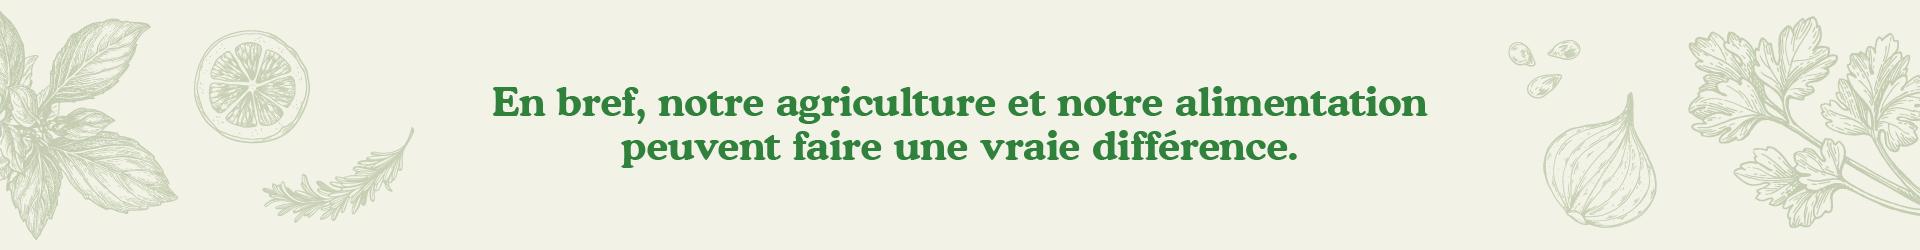 Notre agriculture et notre alimentation peuvent faire une vraie différence